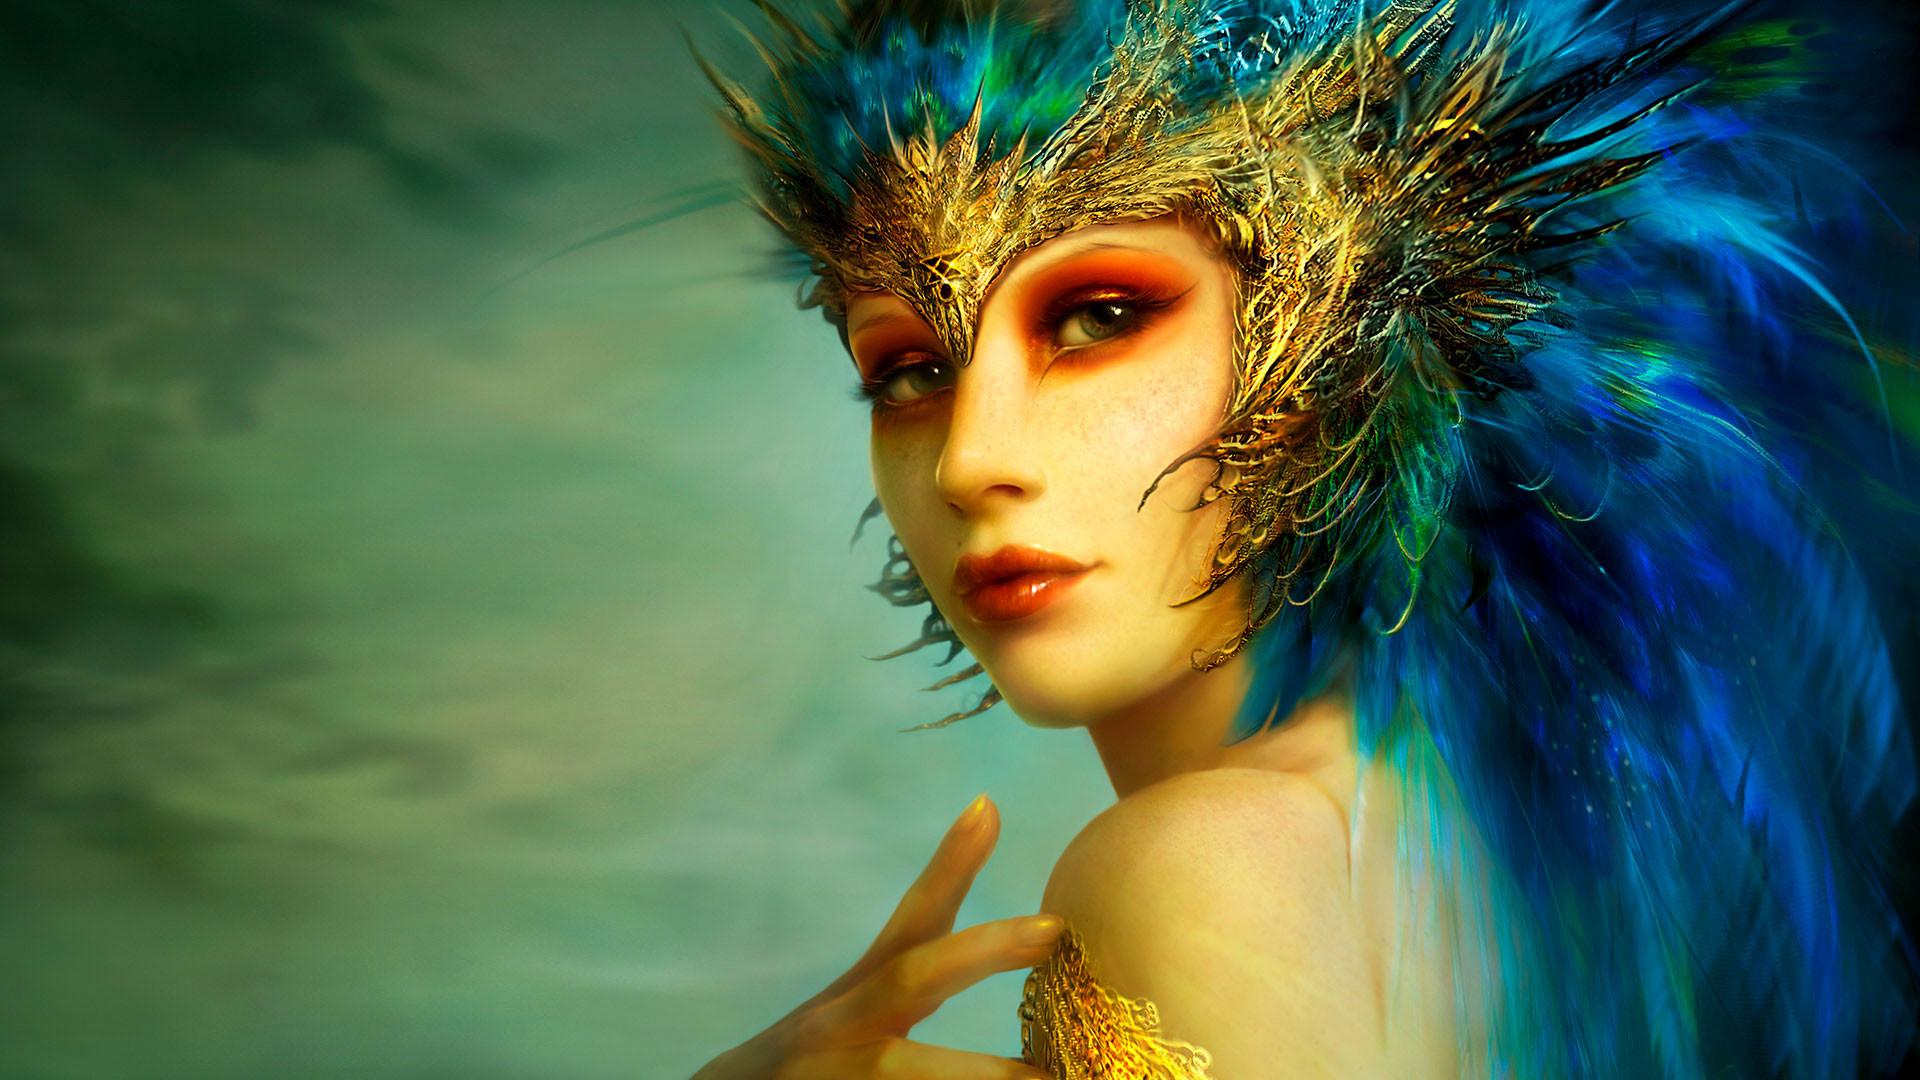 hd pics photos art fine art girl desktop background wallpaper